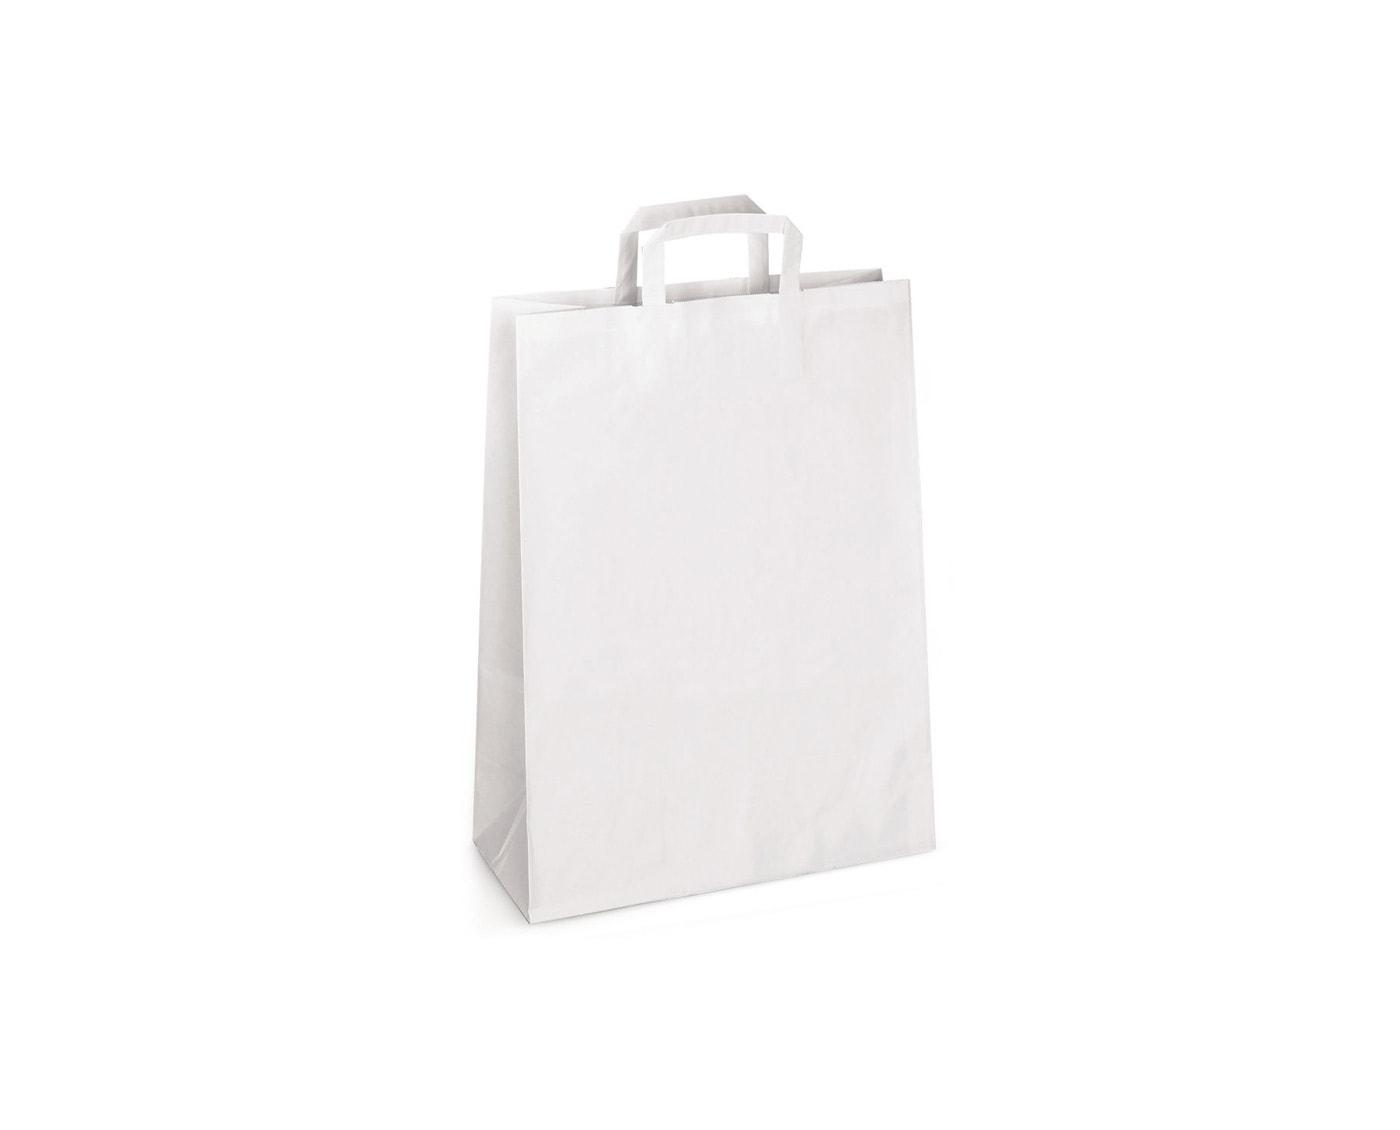 Biała torba papierowa kraft z płaskim uchwytem